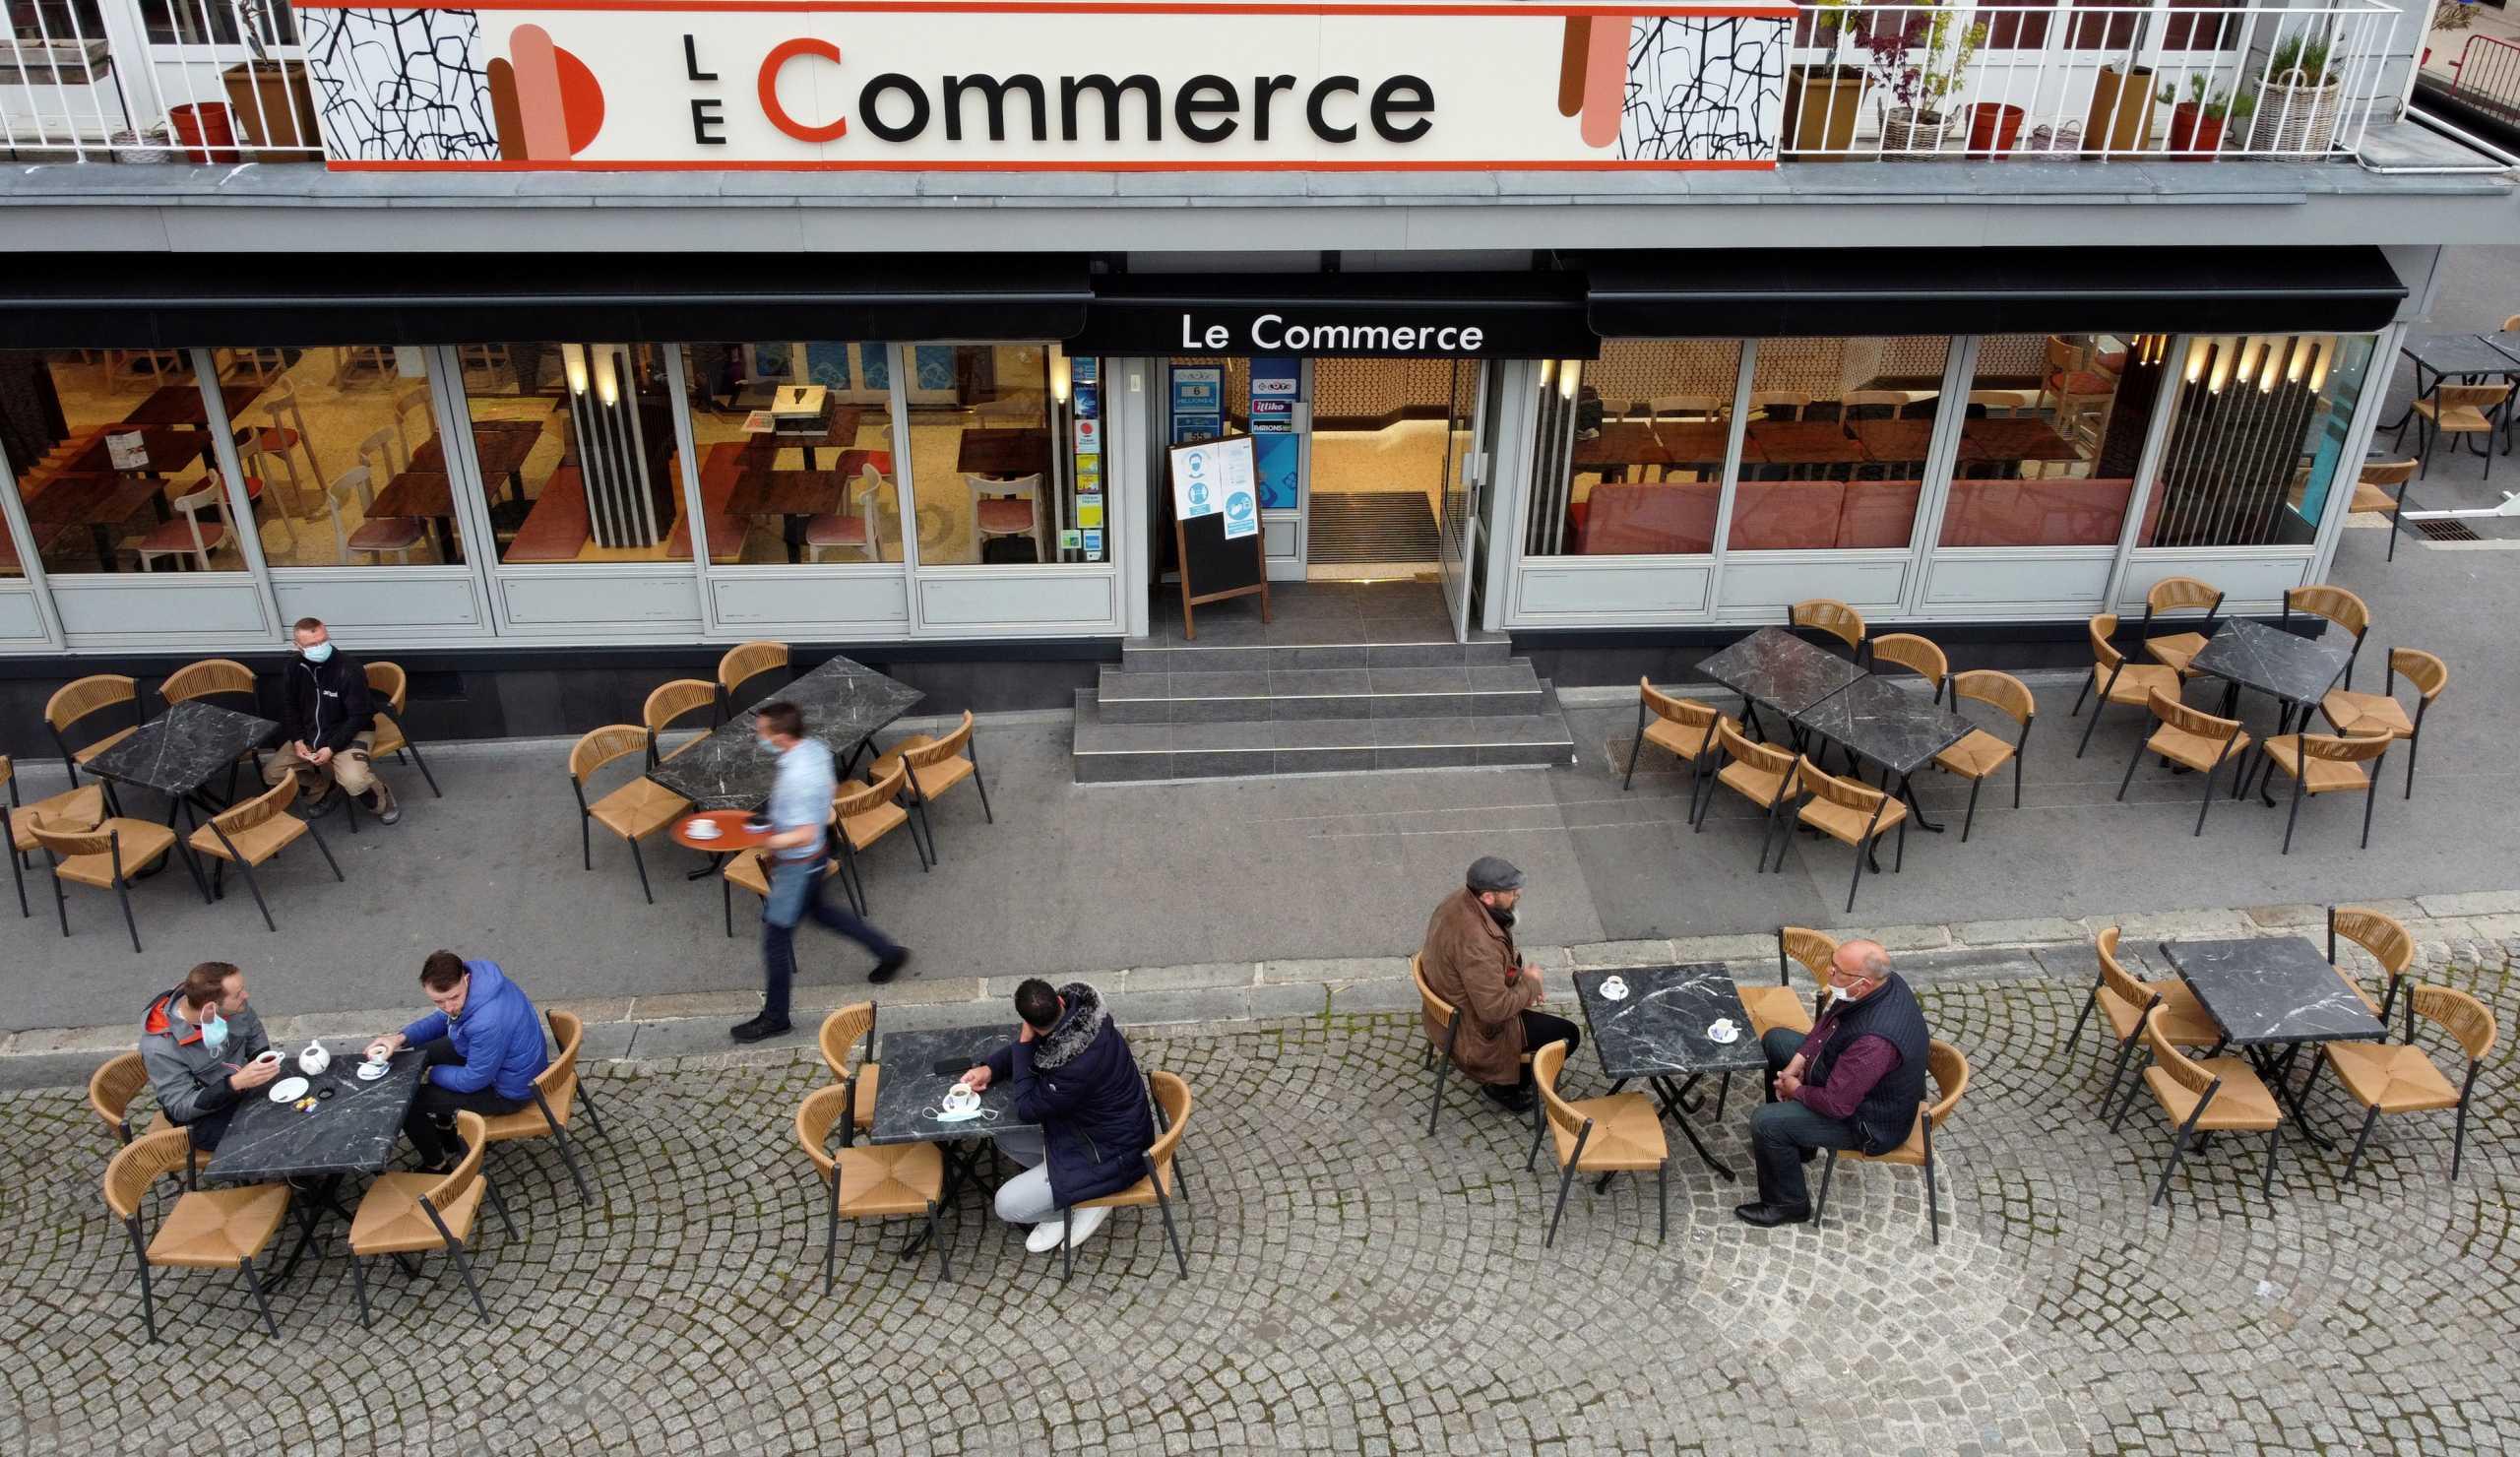 Γαλλία: «Ανησυχητική» παραλλαγή του κορονοϊού σε συνοικία του Μπορντό